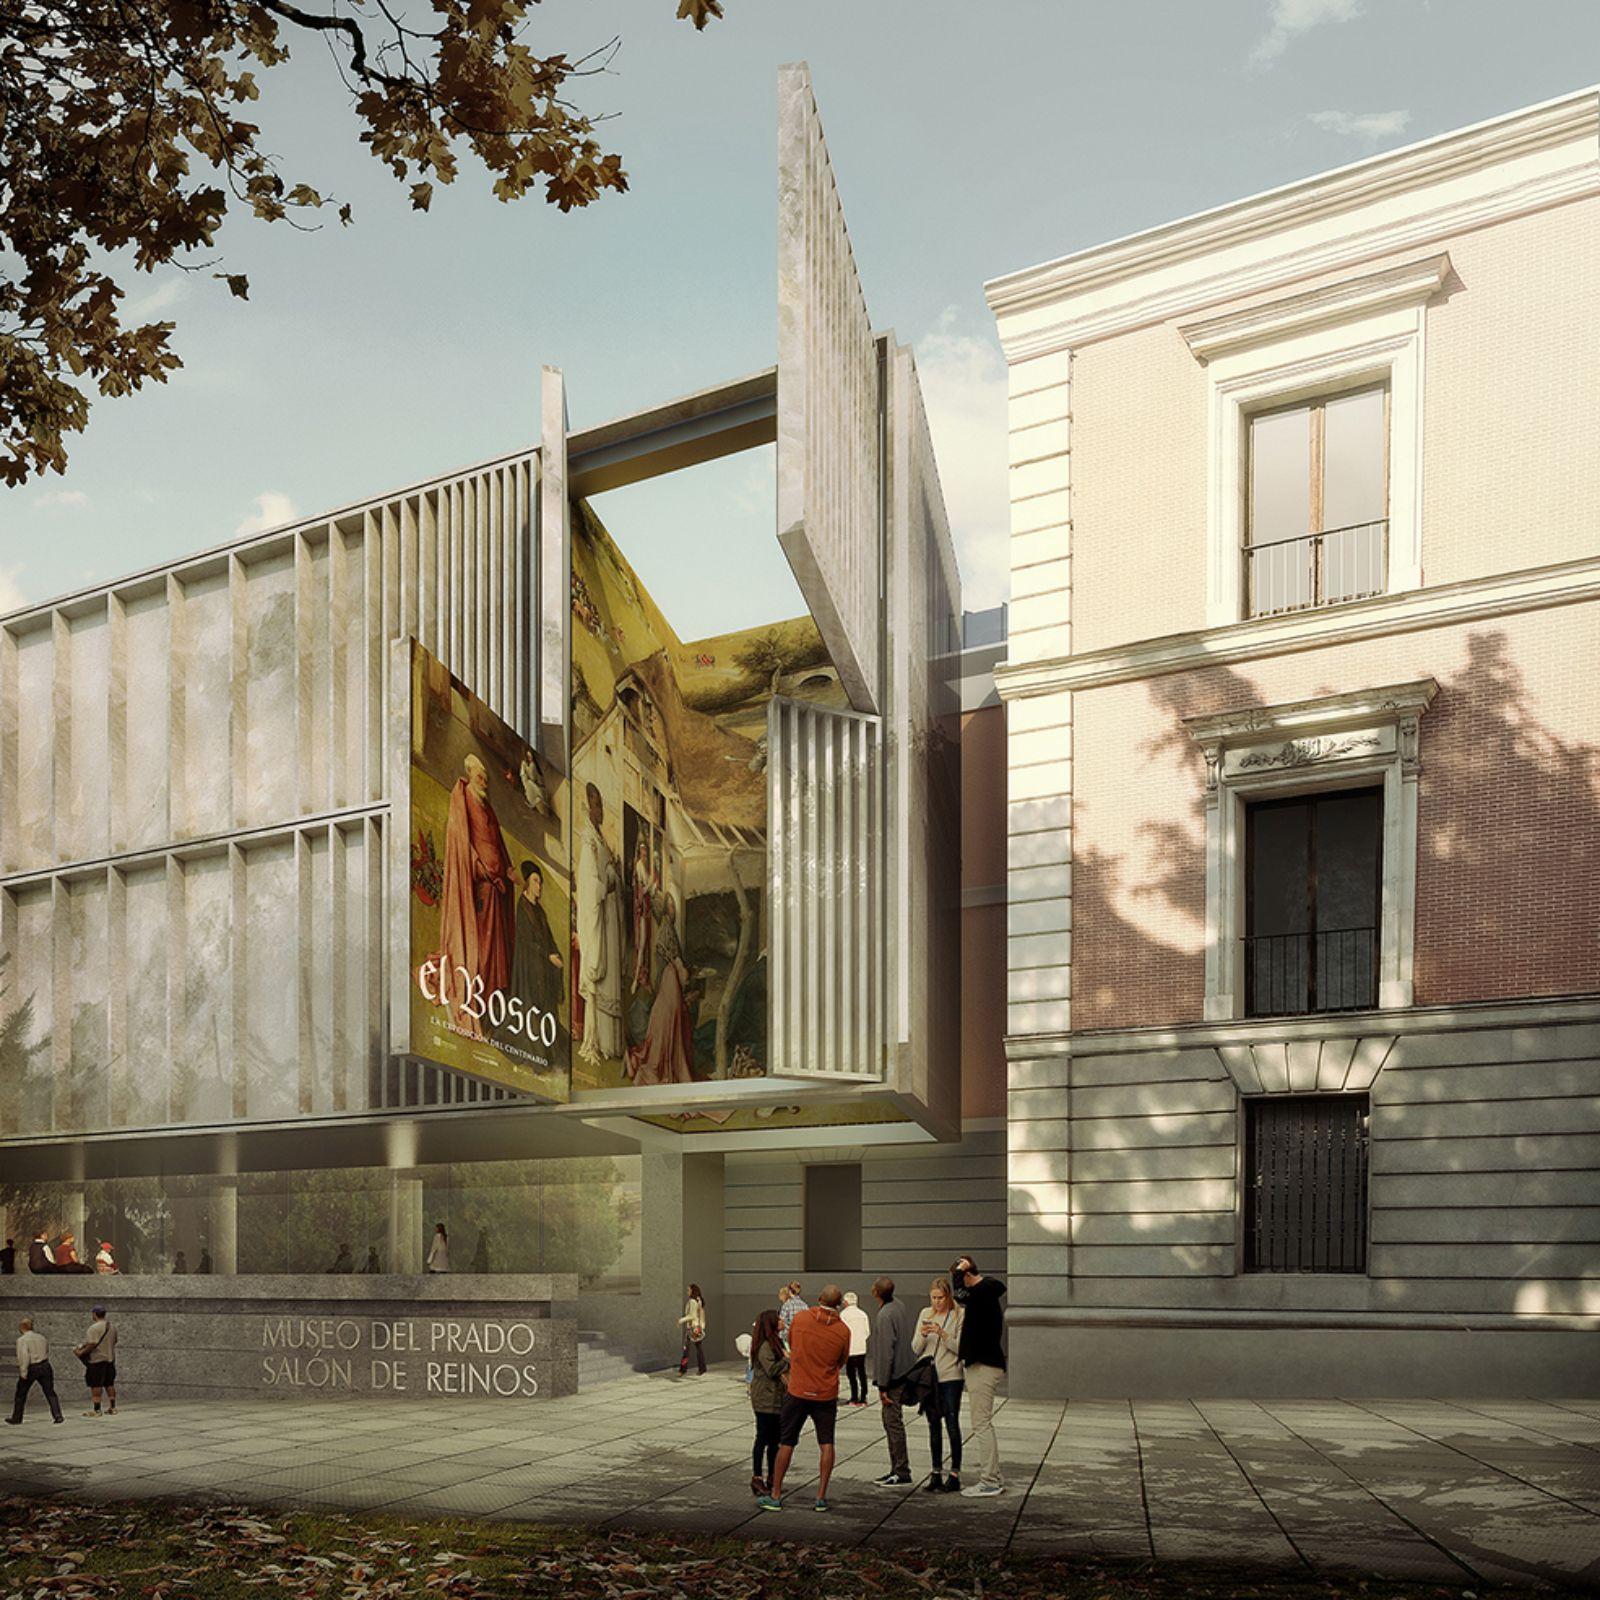 The Salón De Reinos Extension